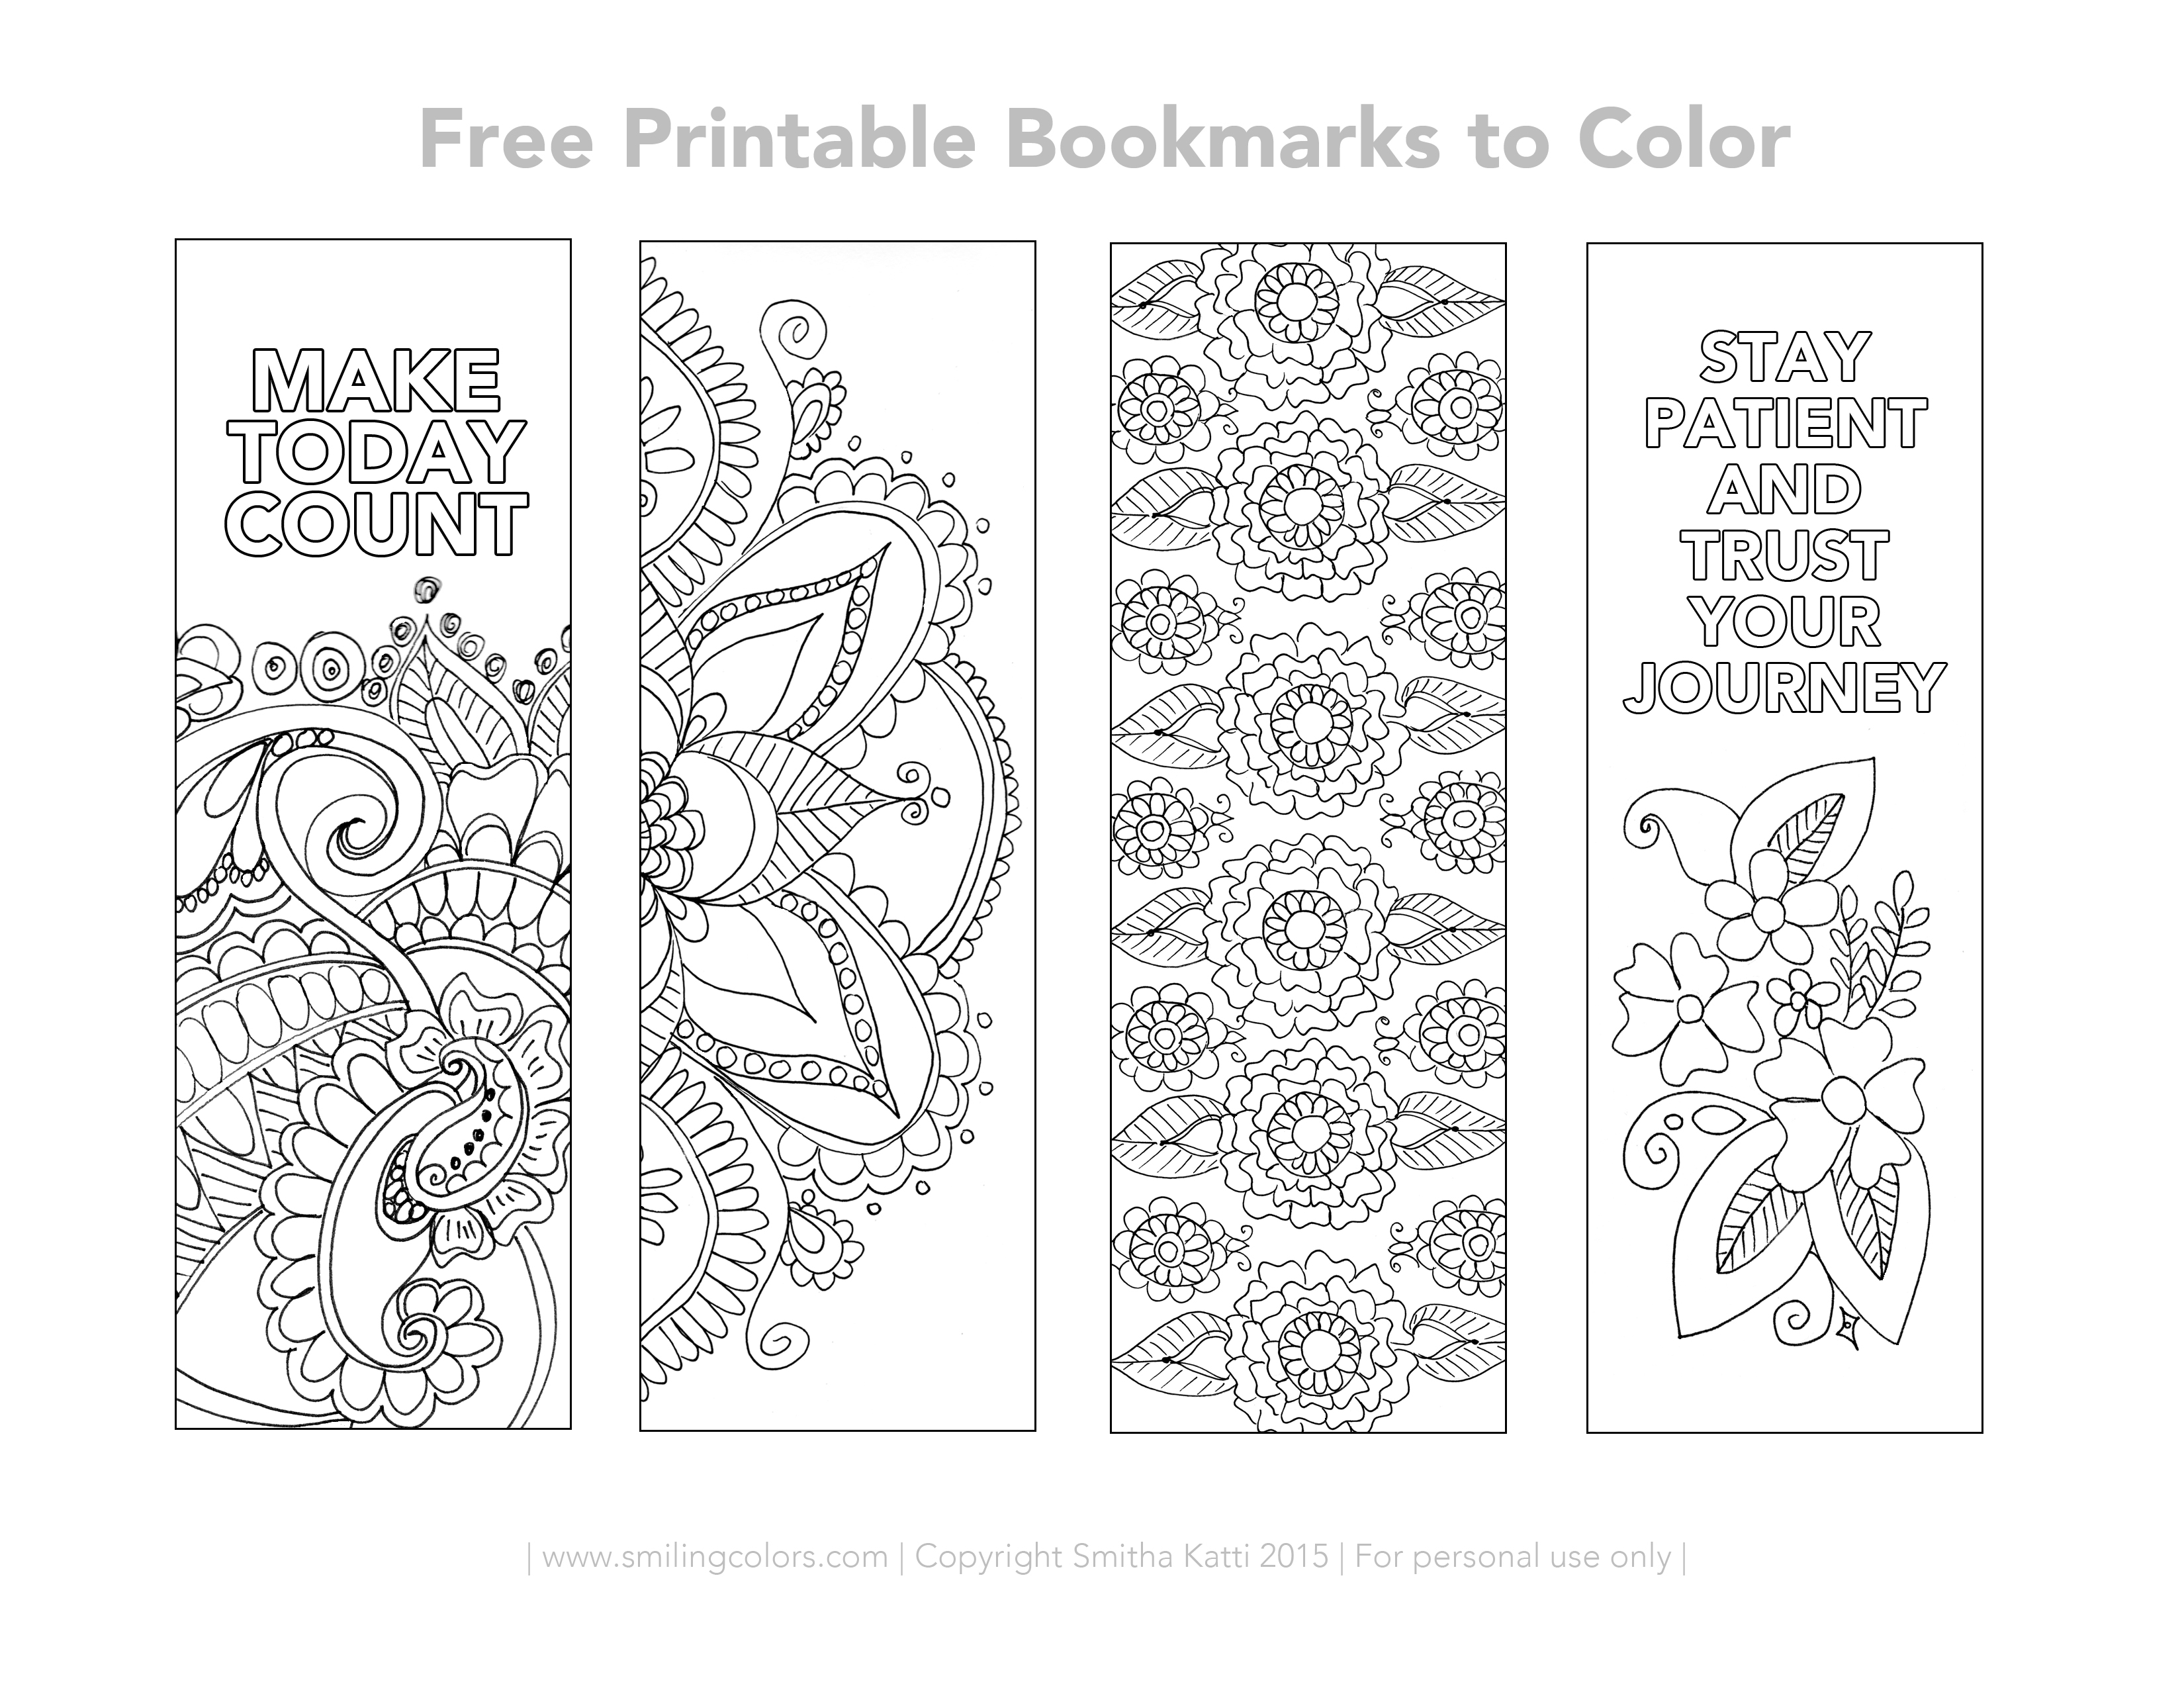 free printable bookmarks to color - smitha katti